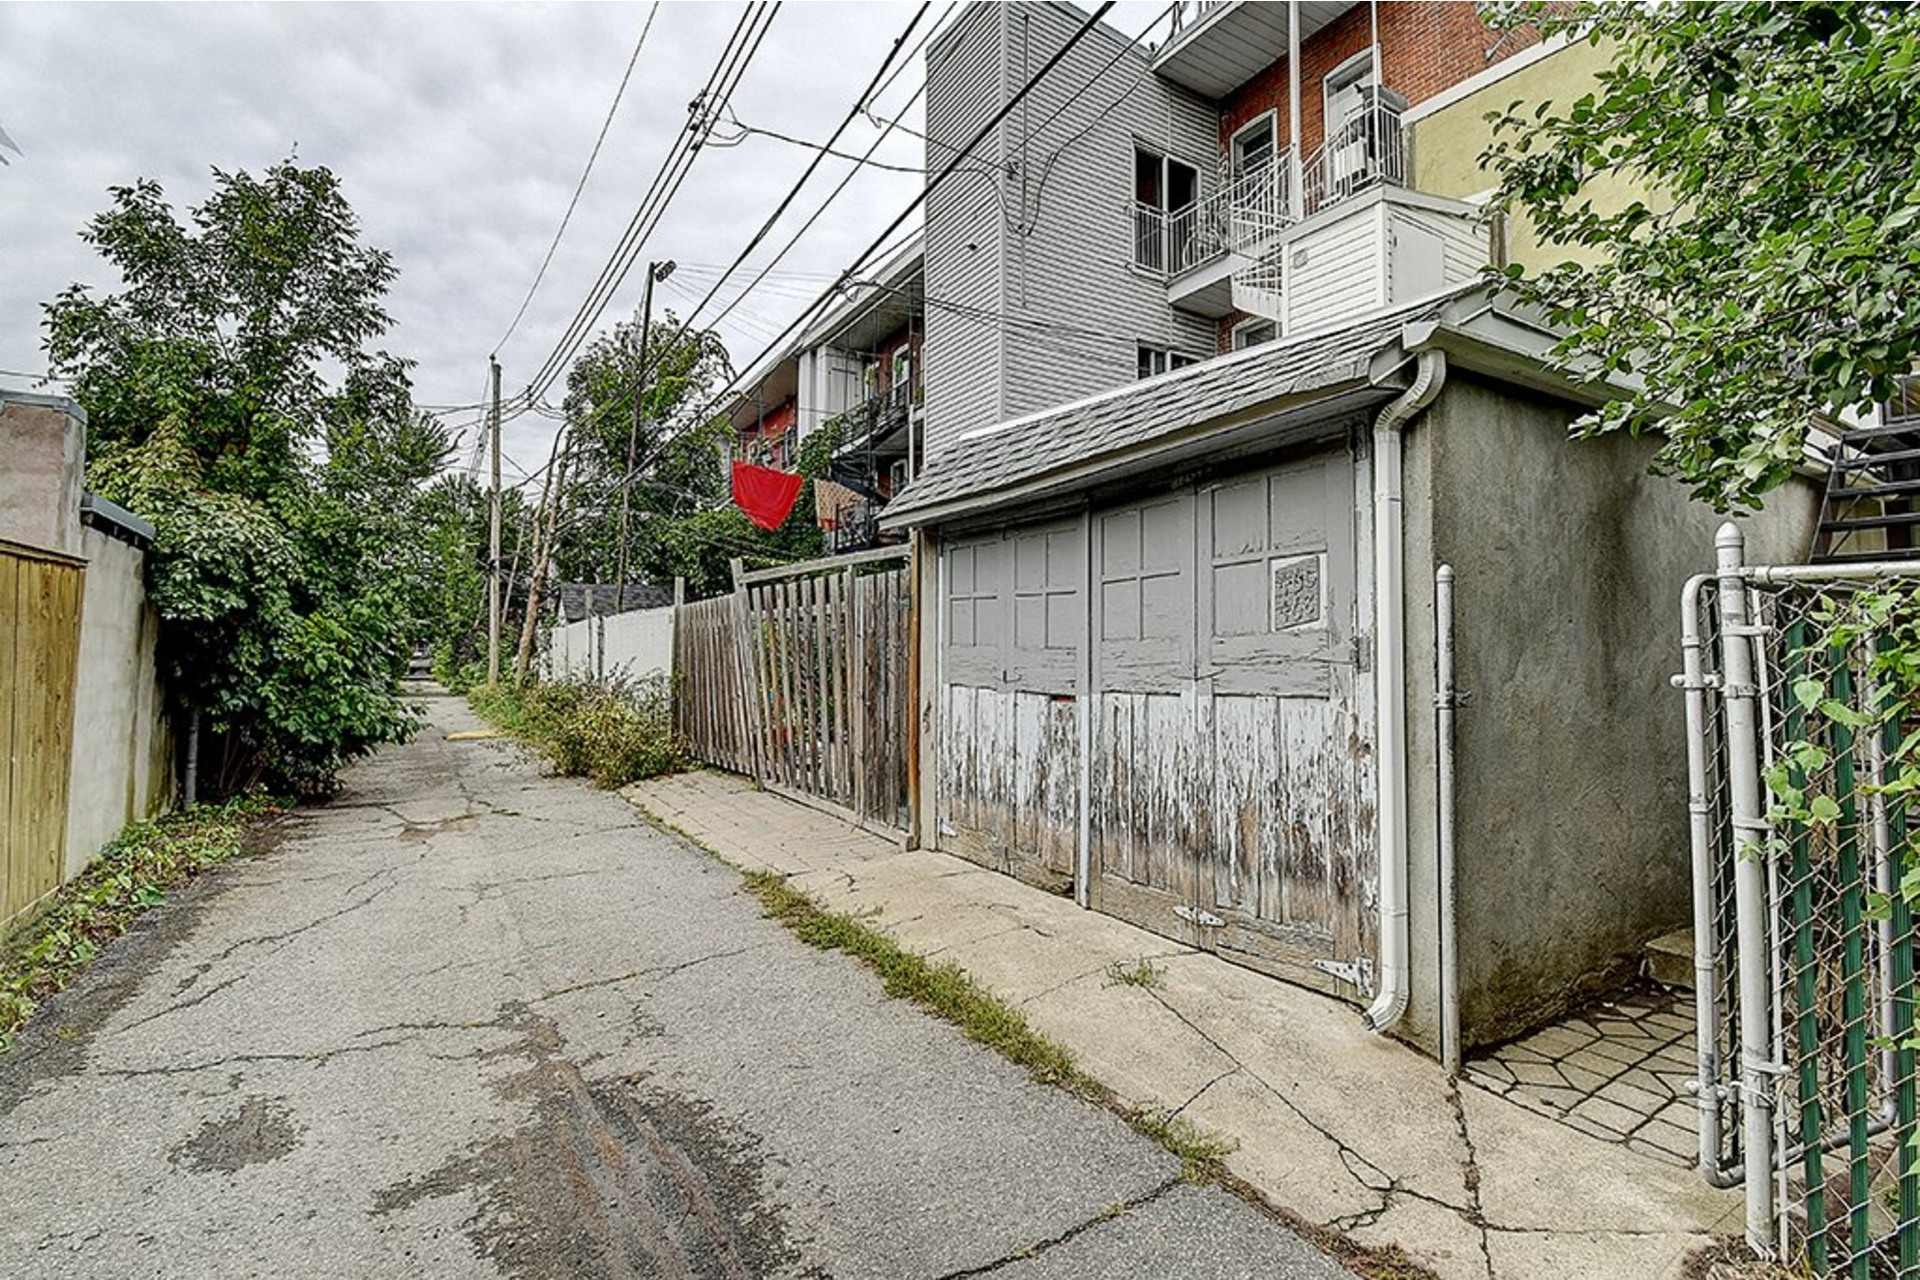 image 19 - Duplex À vendre Verdun/Île-des-Soeurs Montréal  - 5 pièces